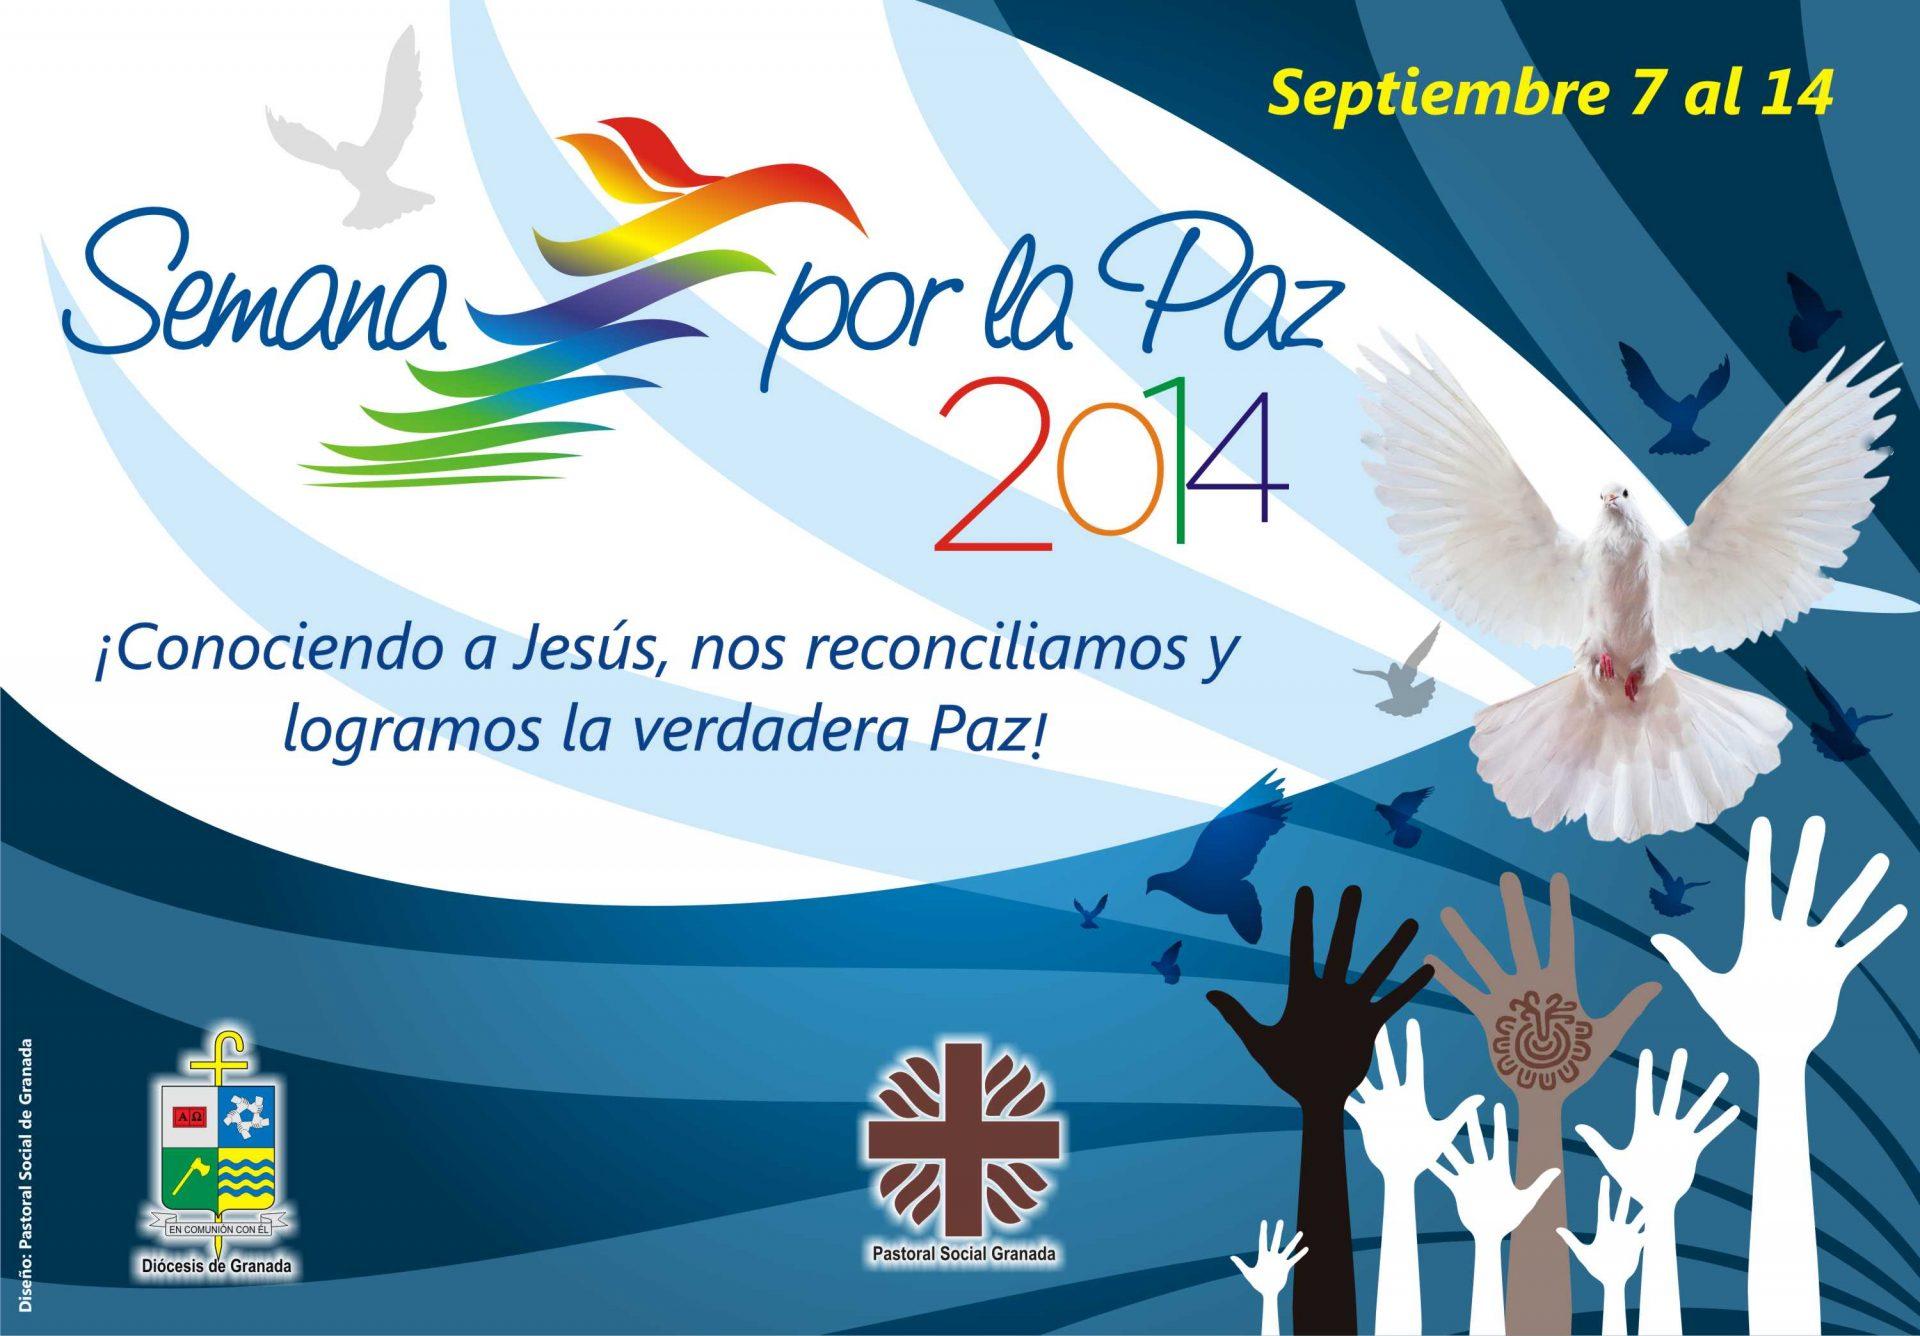 Imagen Semana por la Paz